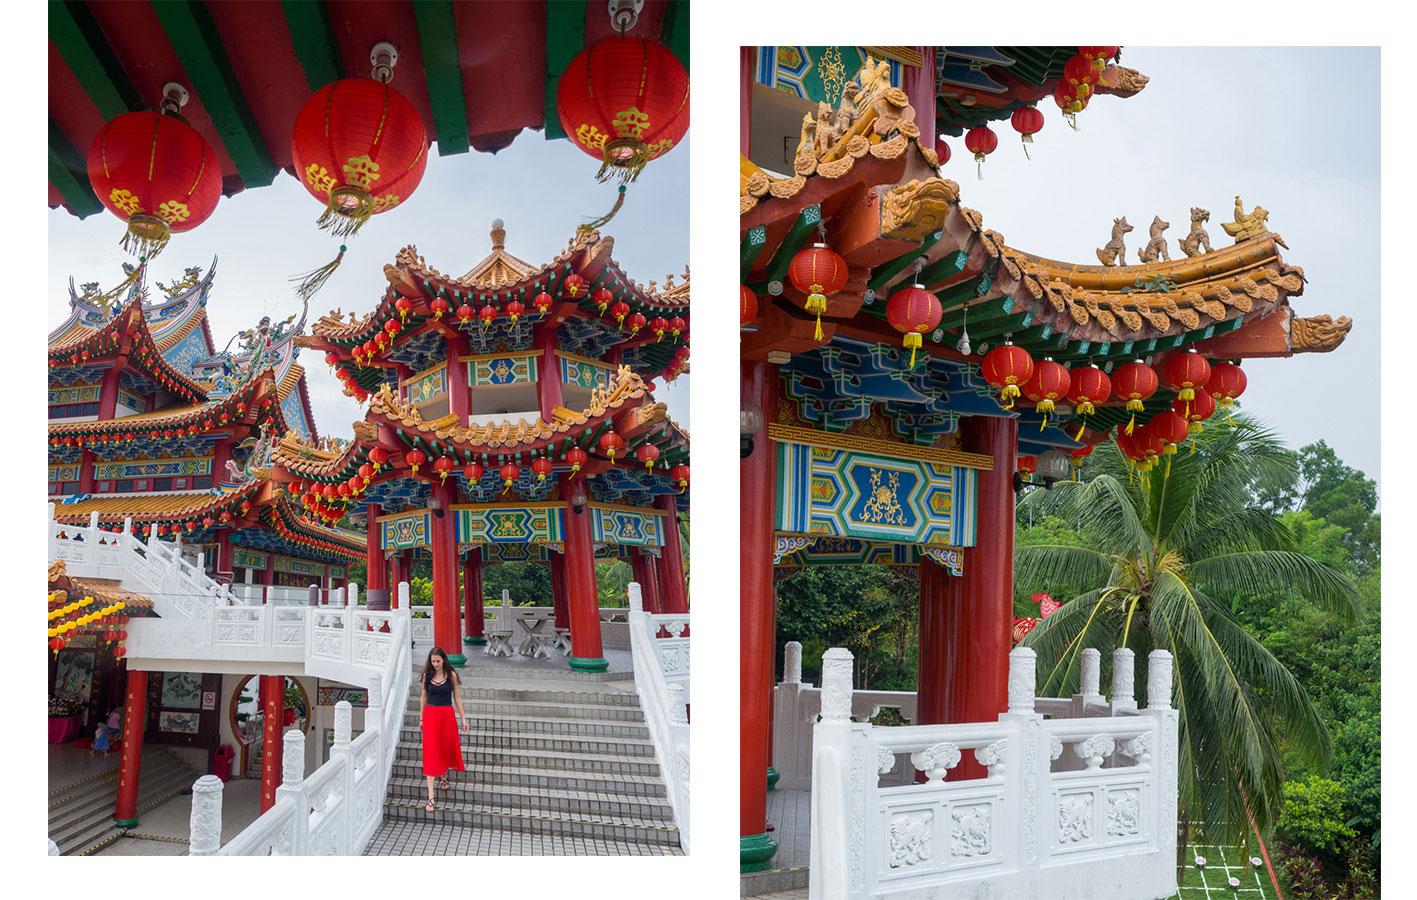 kuala lumpur malaysien thean hou temple 6 1 - Highlights für einen Stopover in Kuala Lumpur – Was ihr in 24 Stunden unbedingt sehen müsst